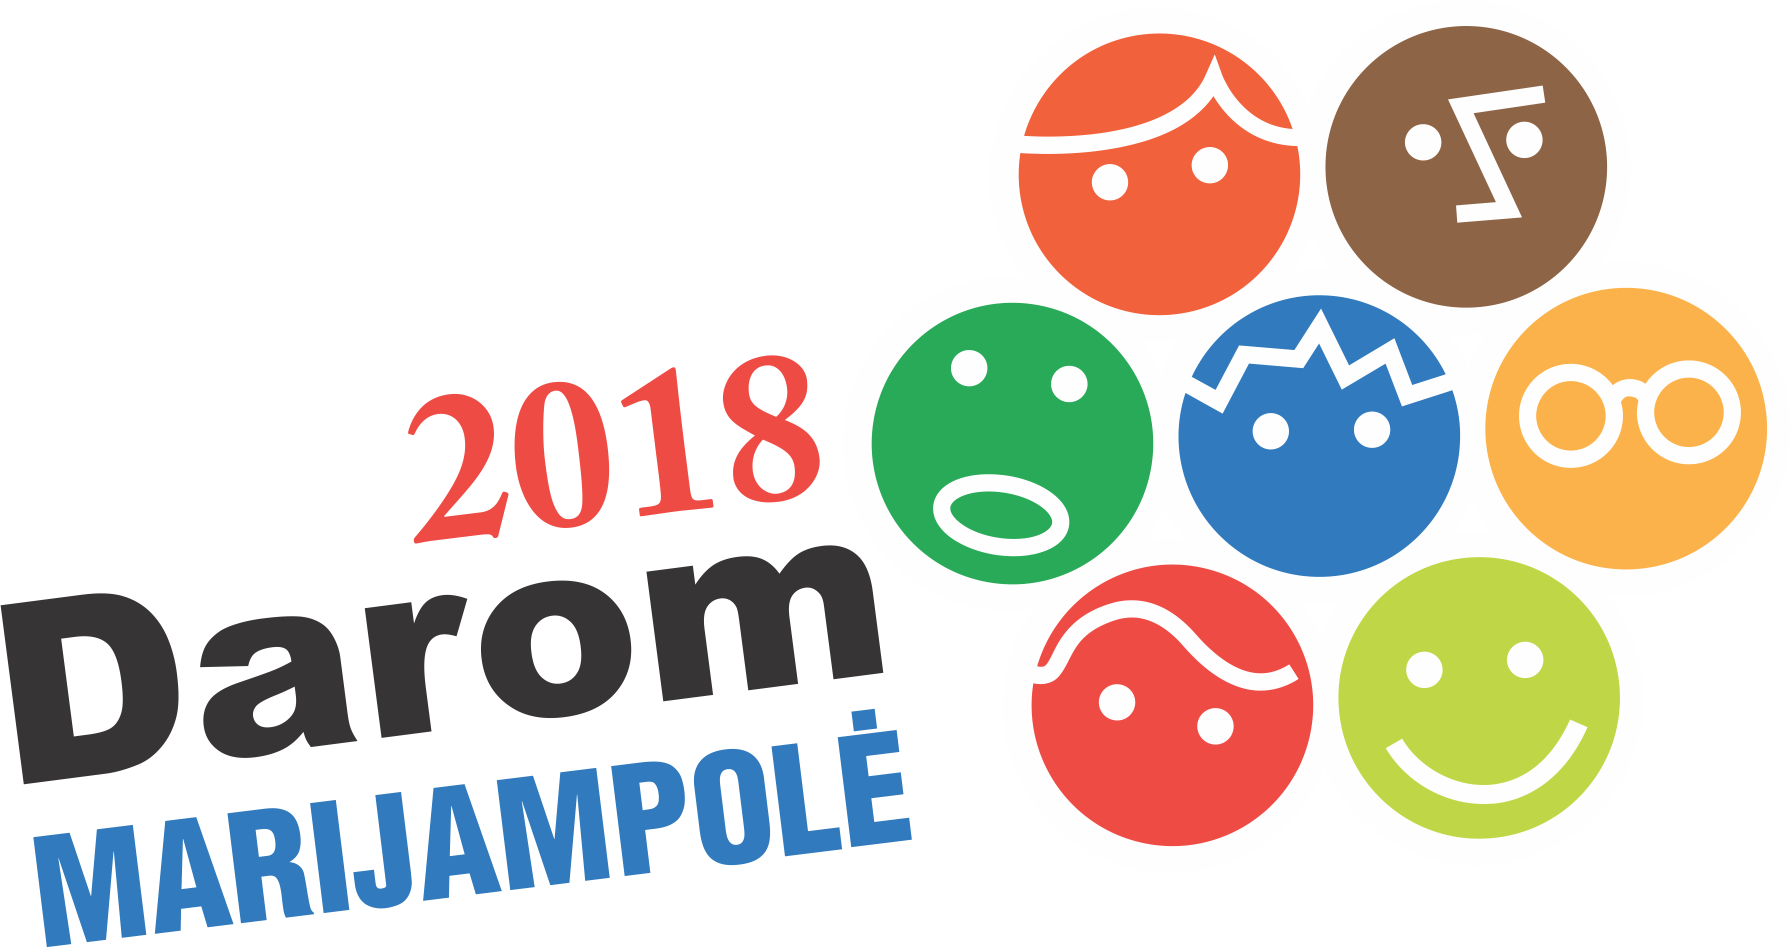 Darom Marijampolė 2018 logo